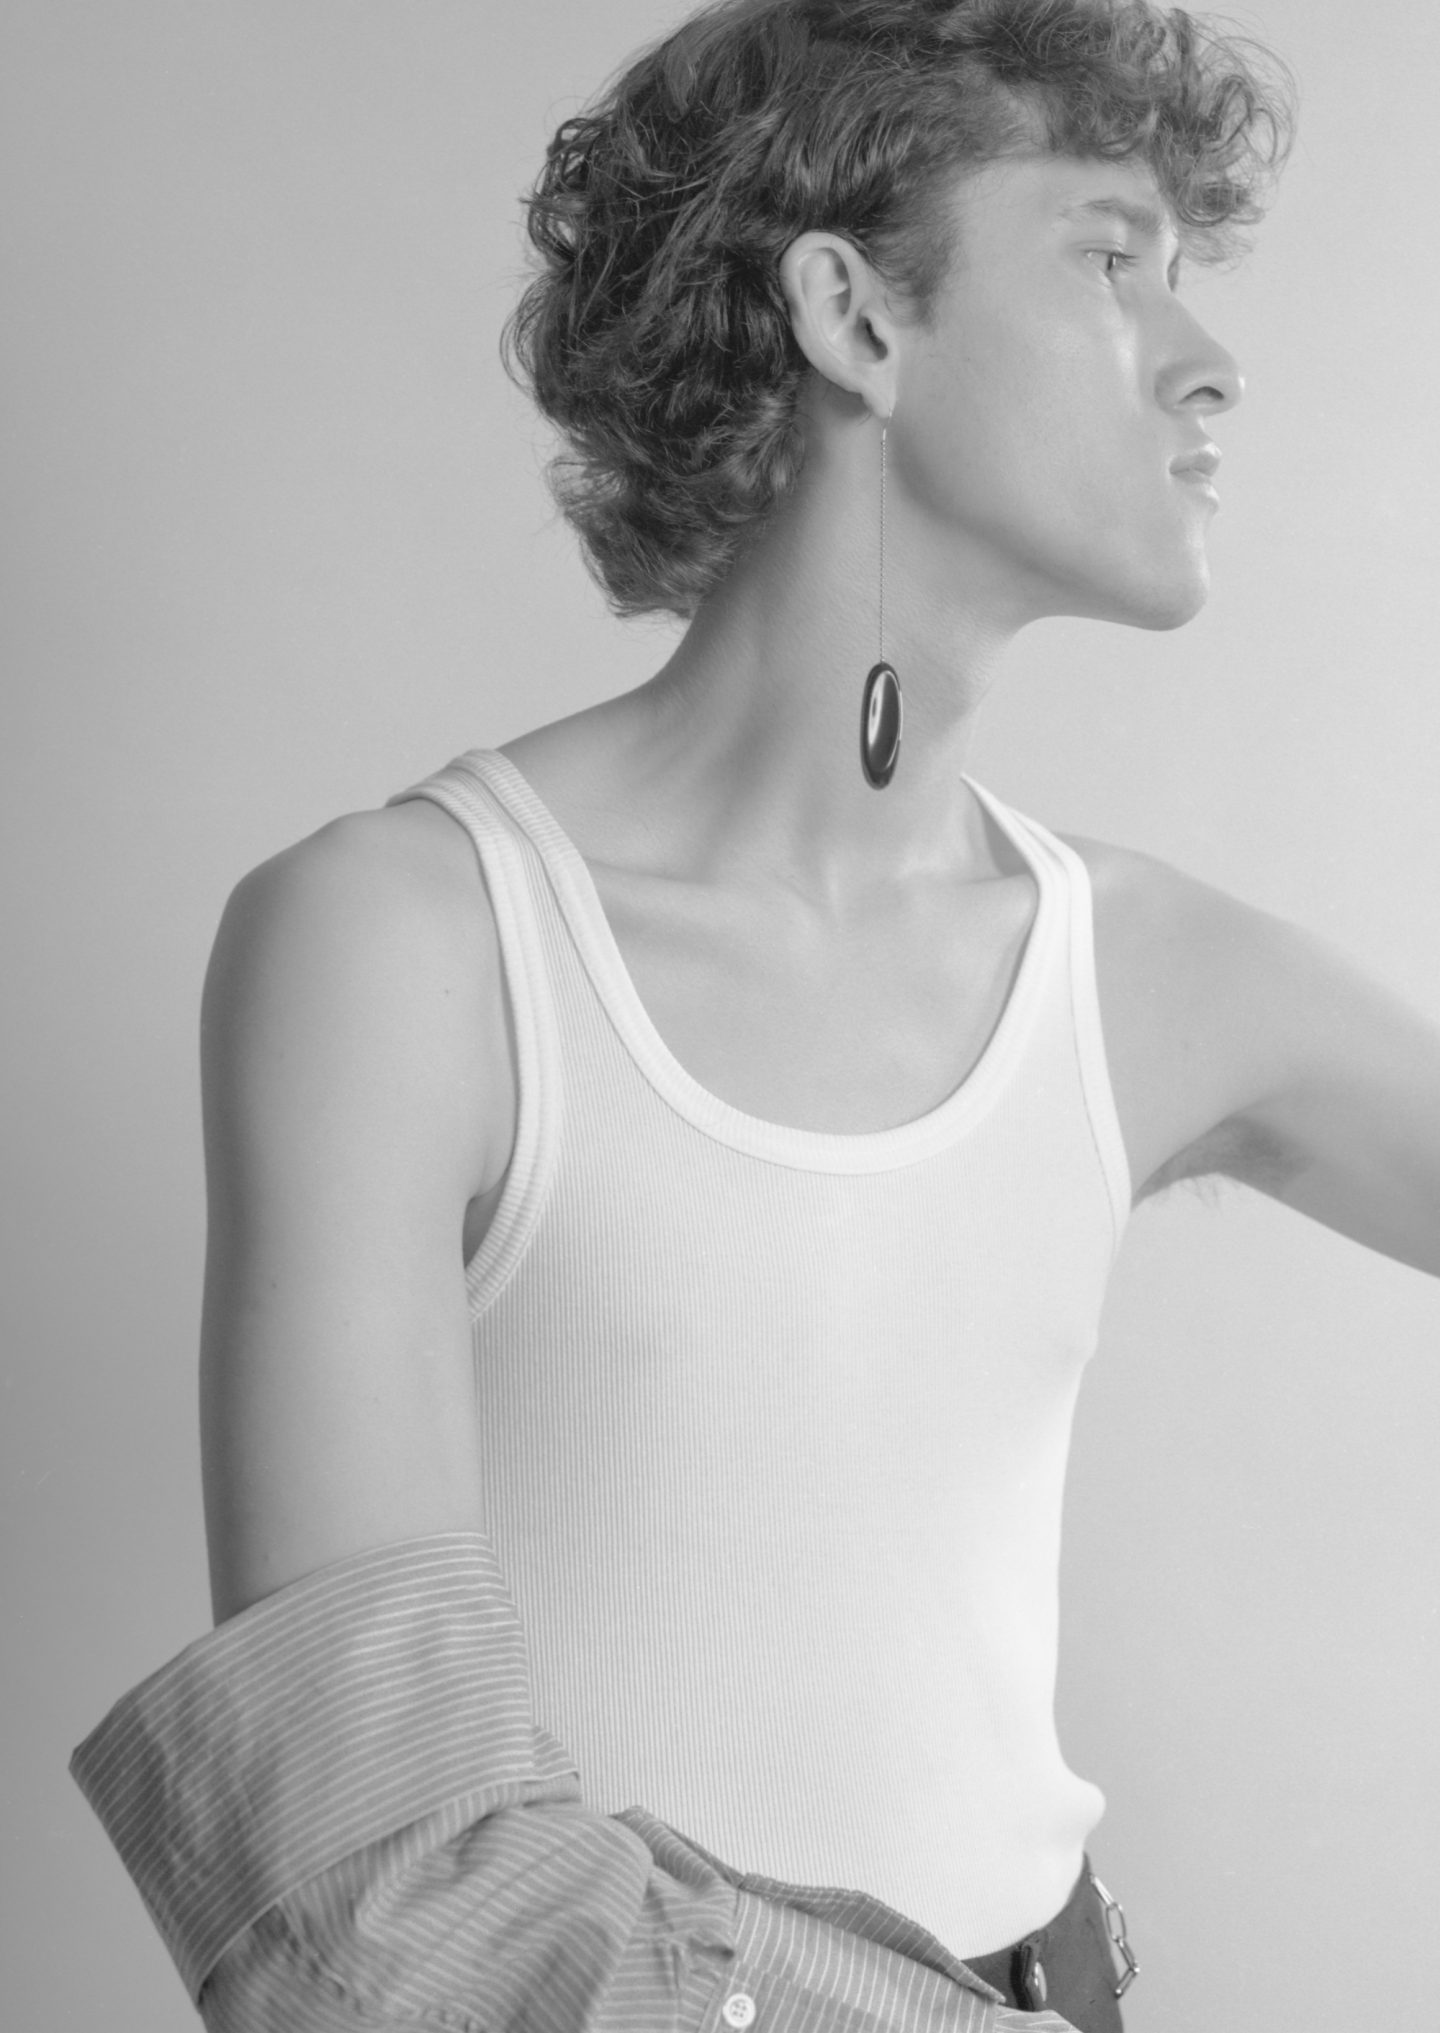 IGNANT-Photography-Jennifer-Cheng-017